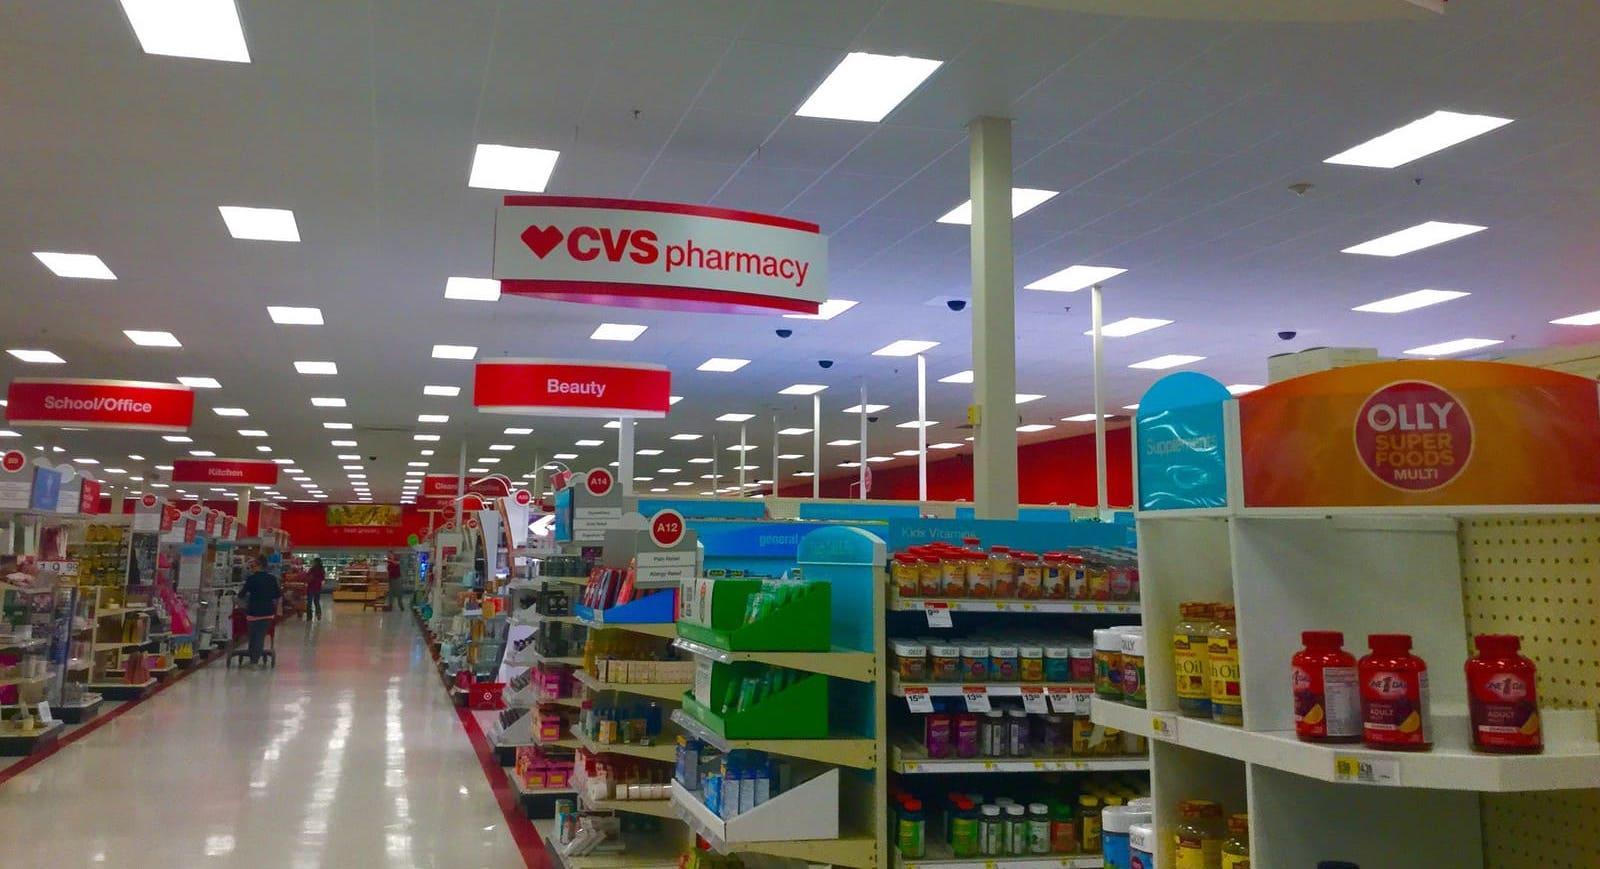 Les pharmacies aux États-Unis